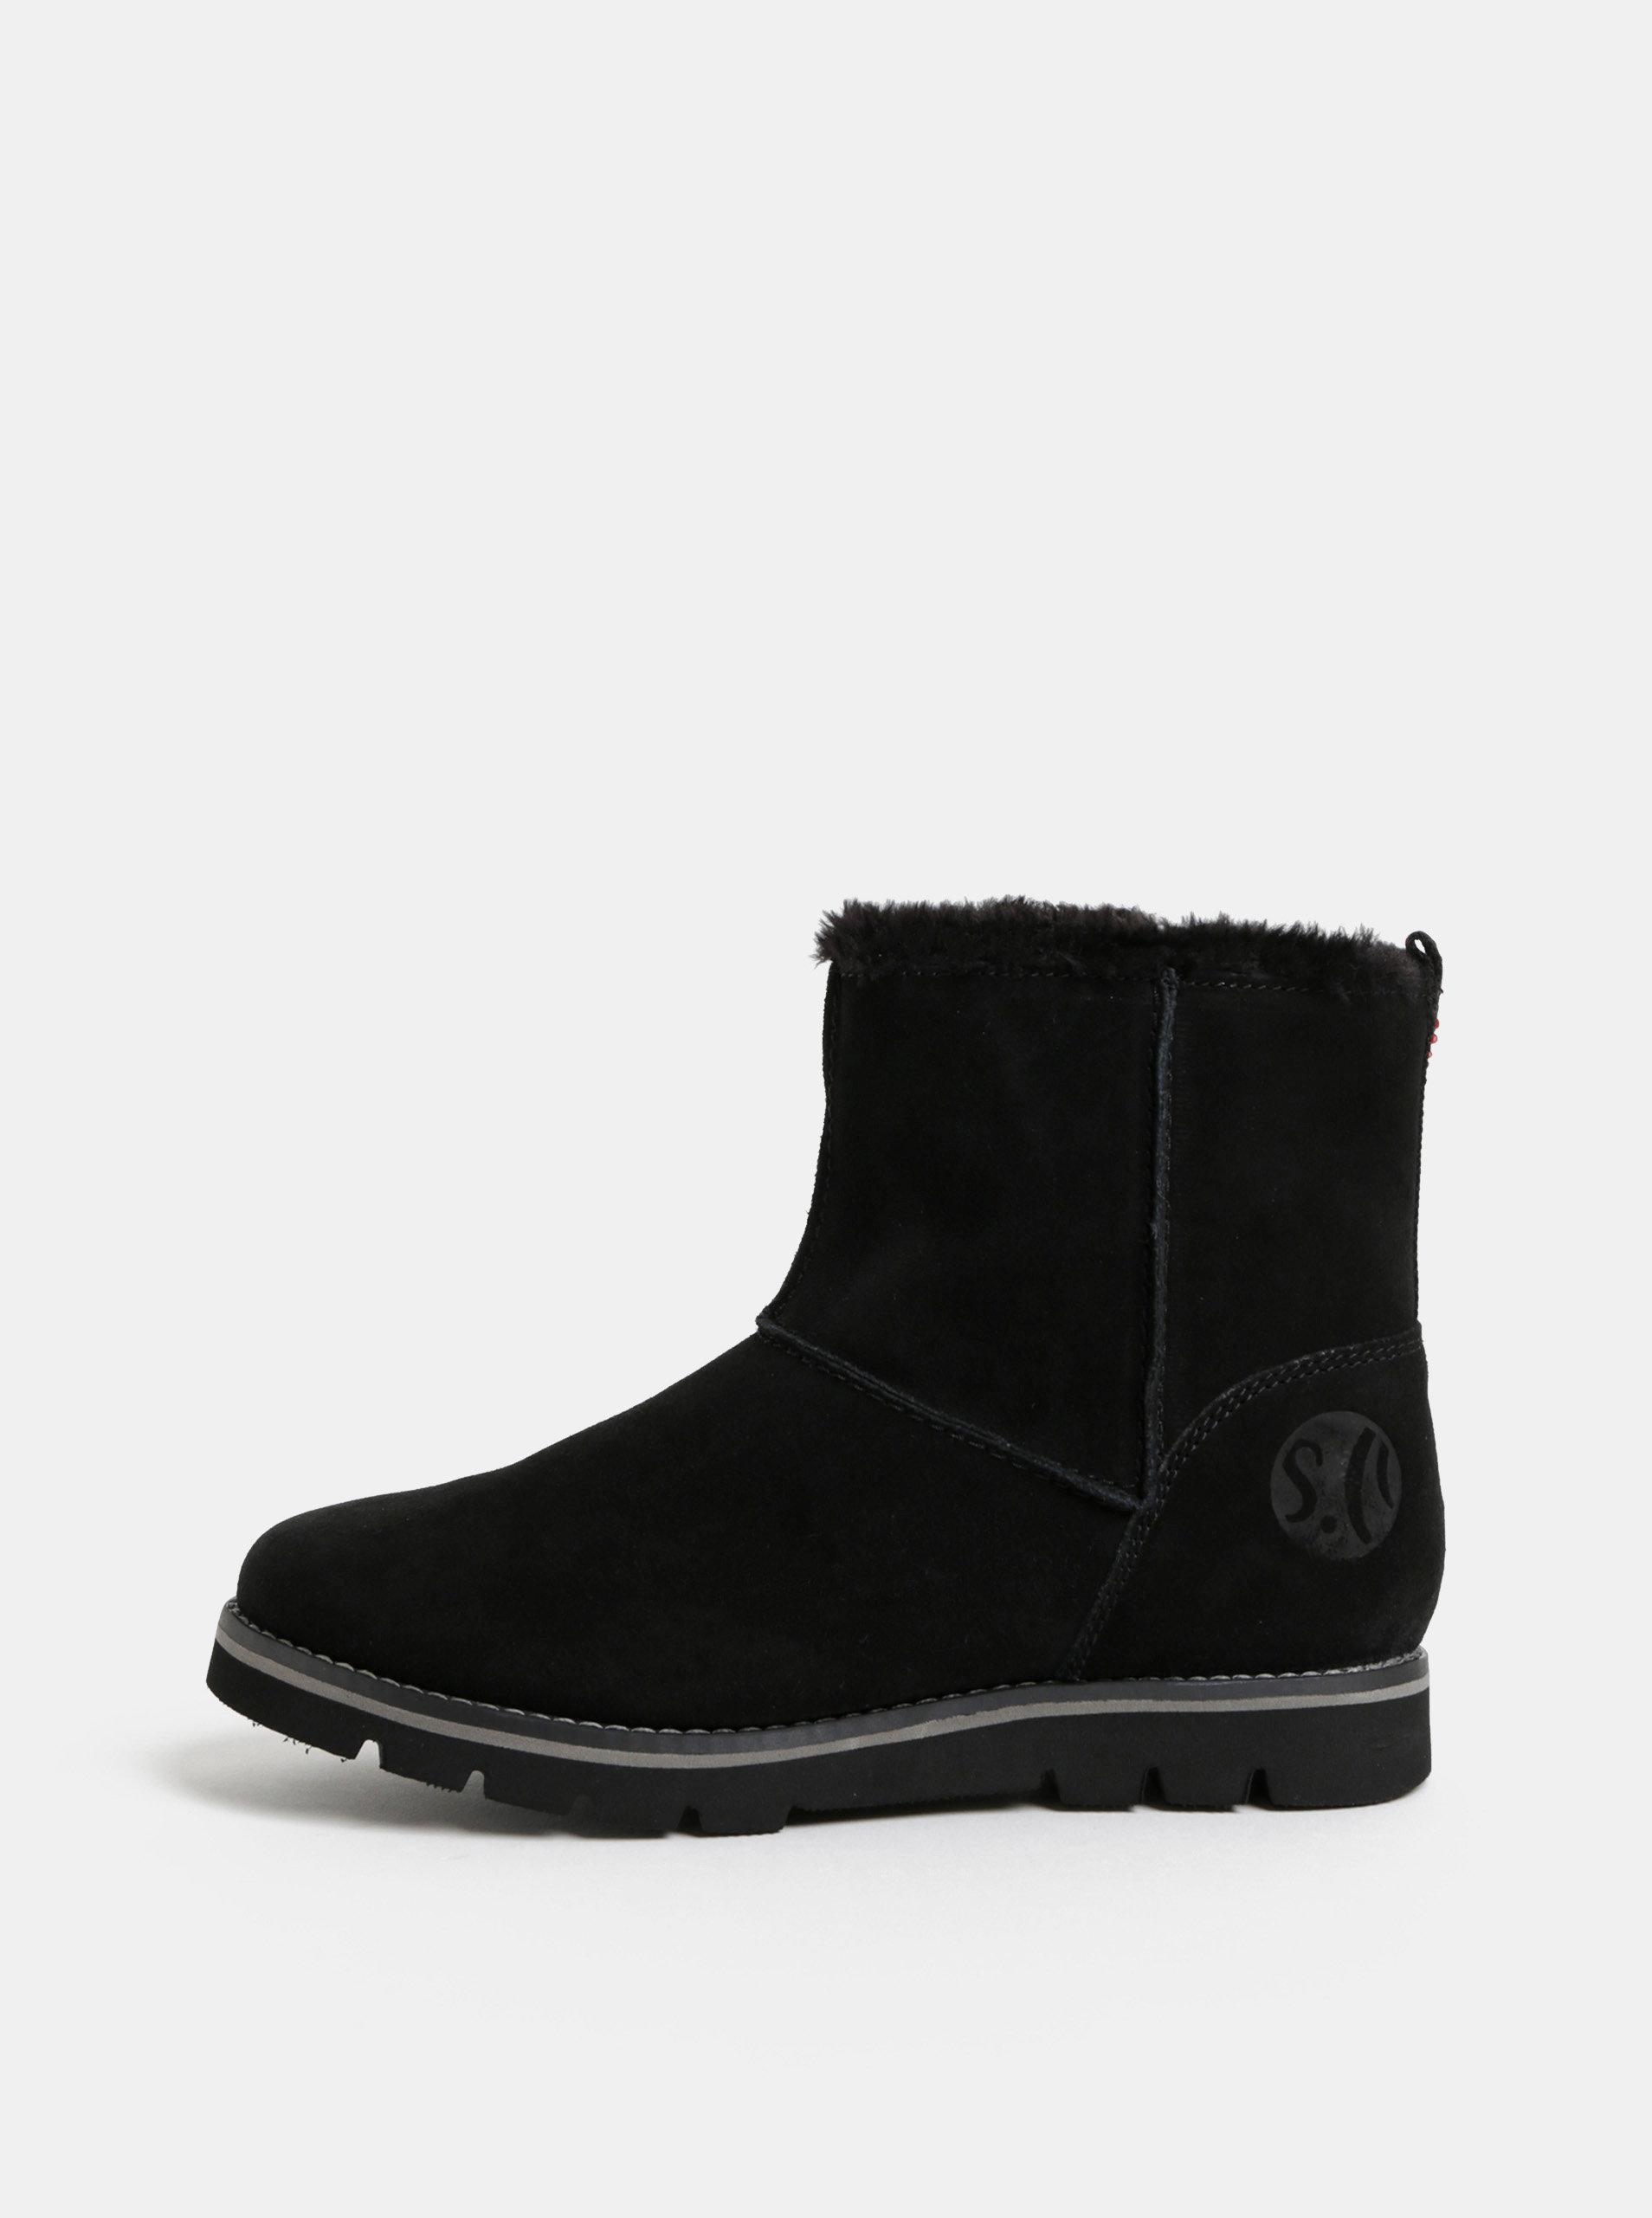 1d55cbe816 Čierne dámske semišové zimné topánky s umelou kožušinkou s.